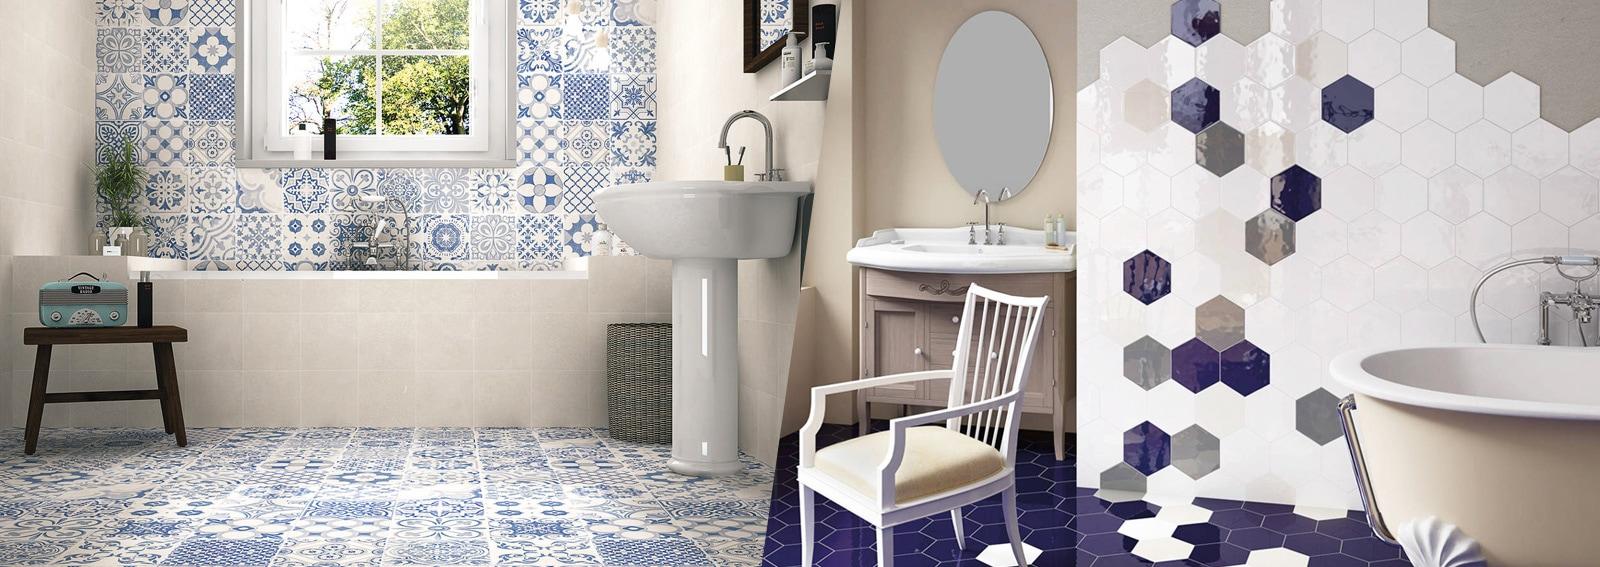 Rivestimenti per il bagno 10 idee decor da copiare - Rivestimenti bagno moderno ...